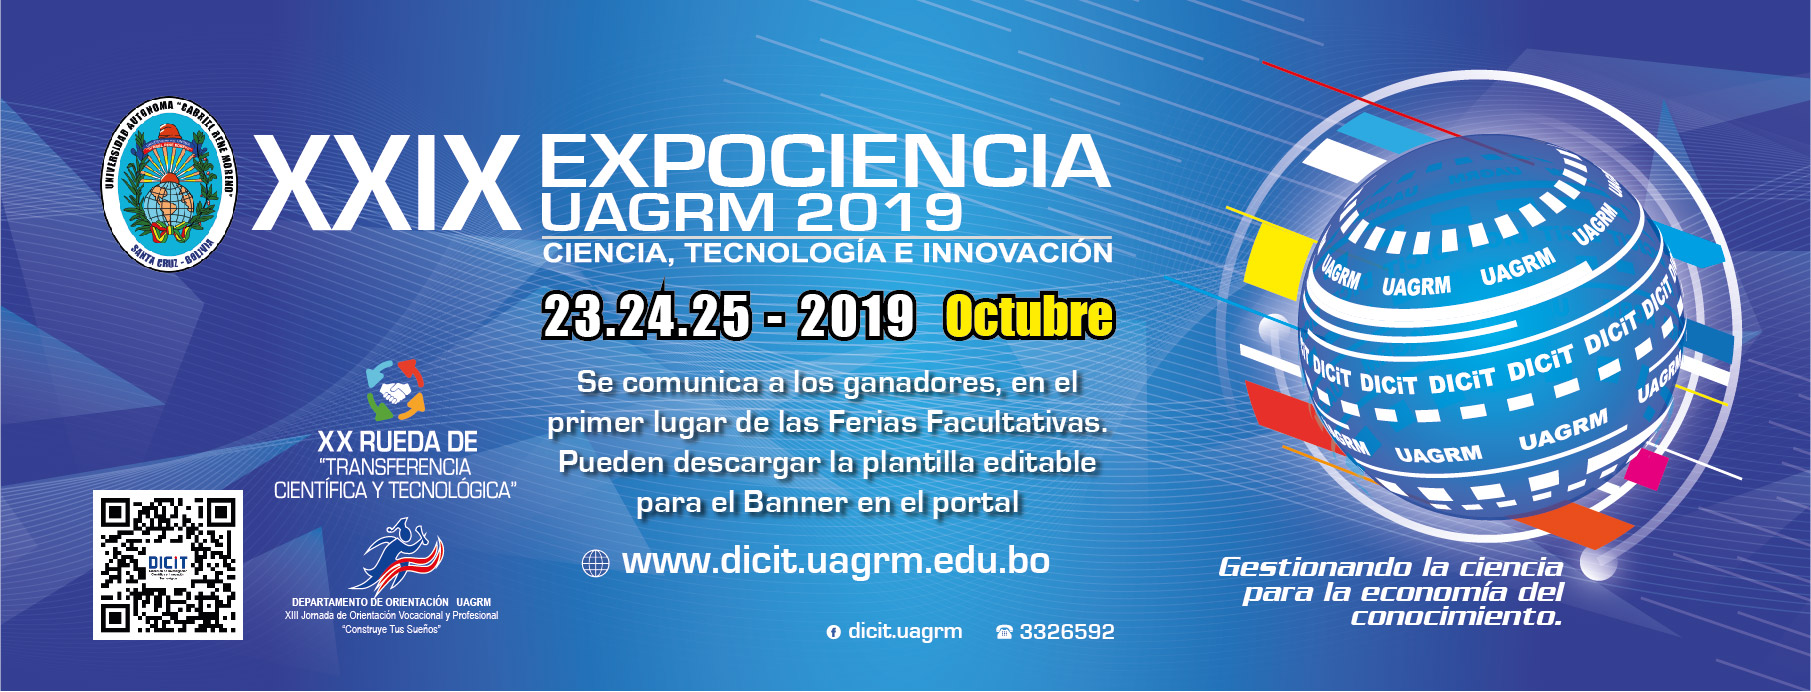 Descargar plantilla sólo PARTICIPANTES GANADORES para la FERIA XXIX EXPOCIENCIA UAGRM 2019